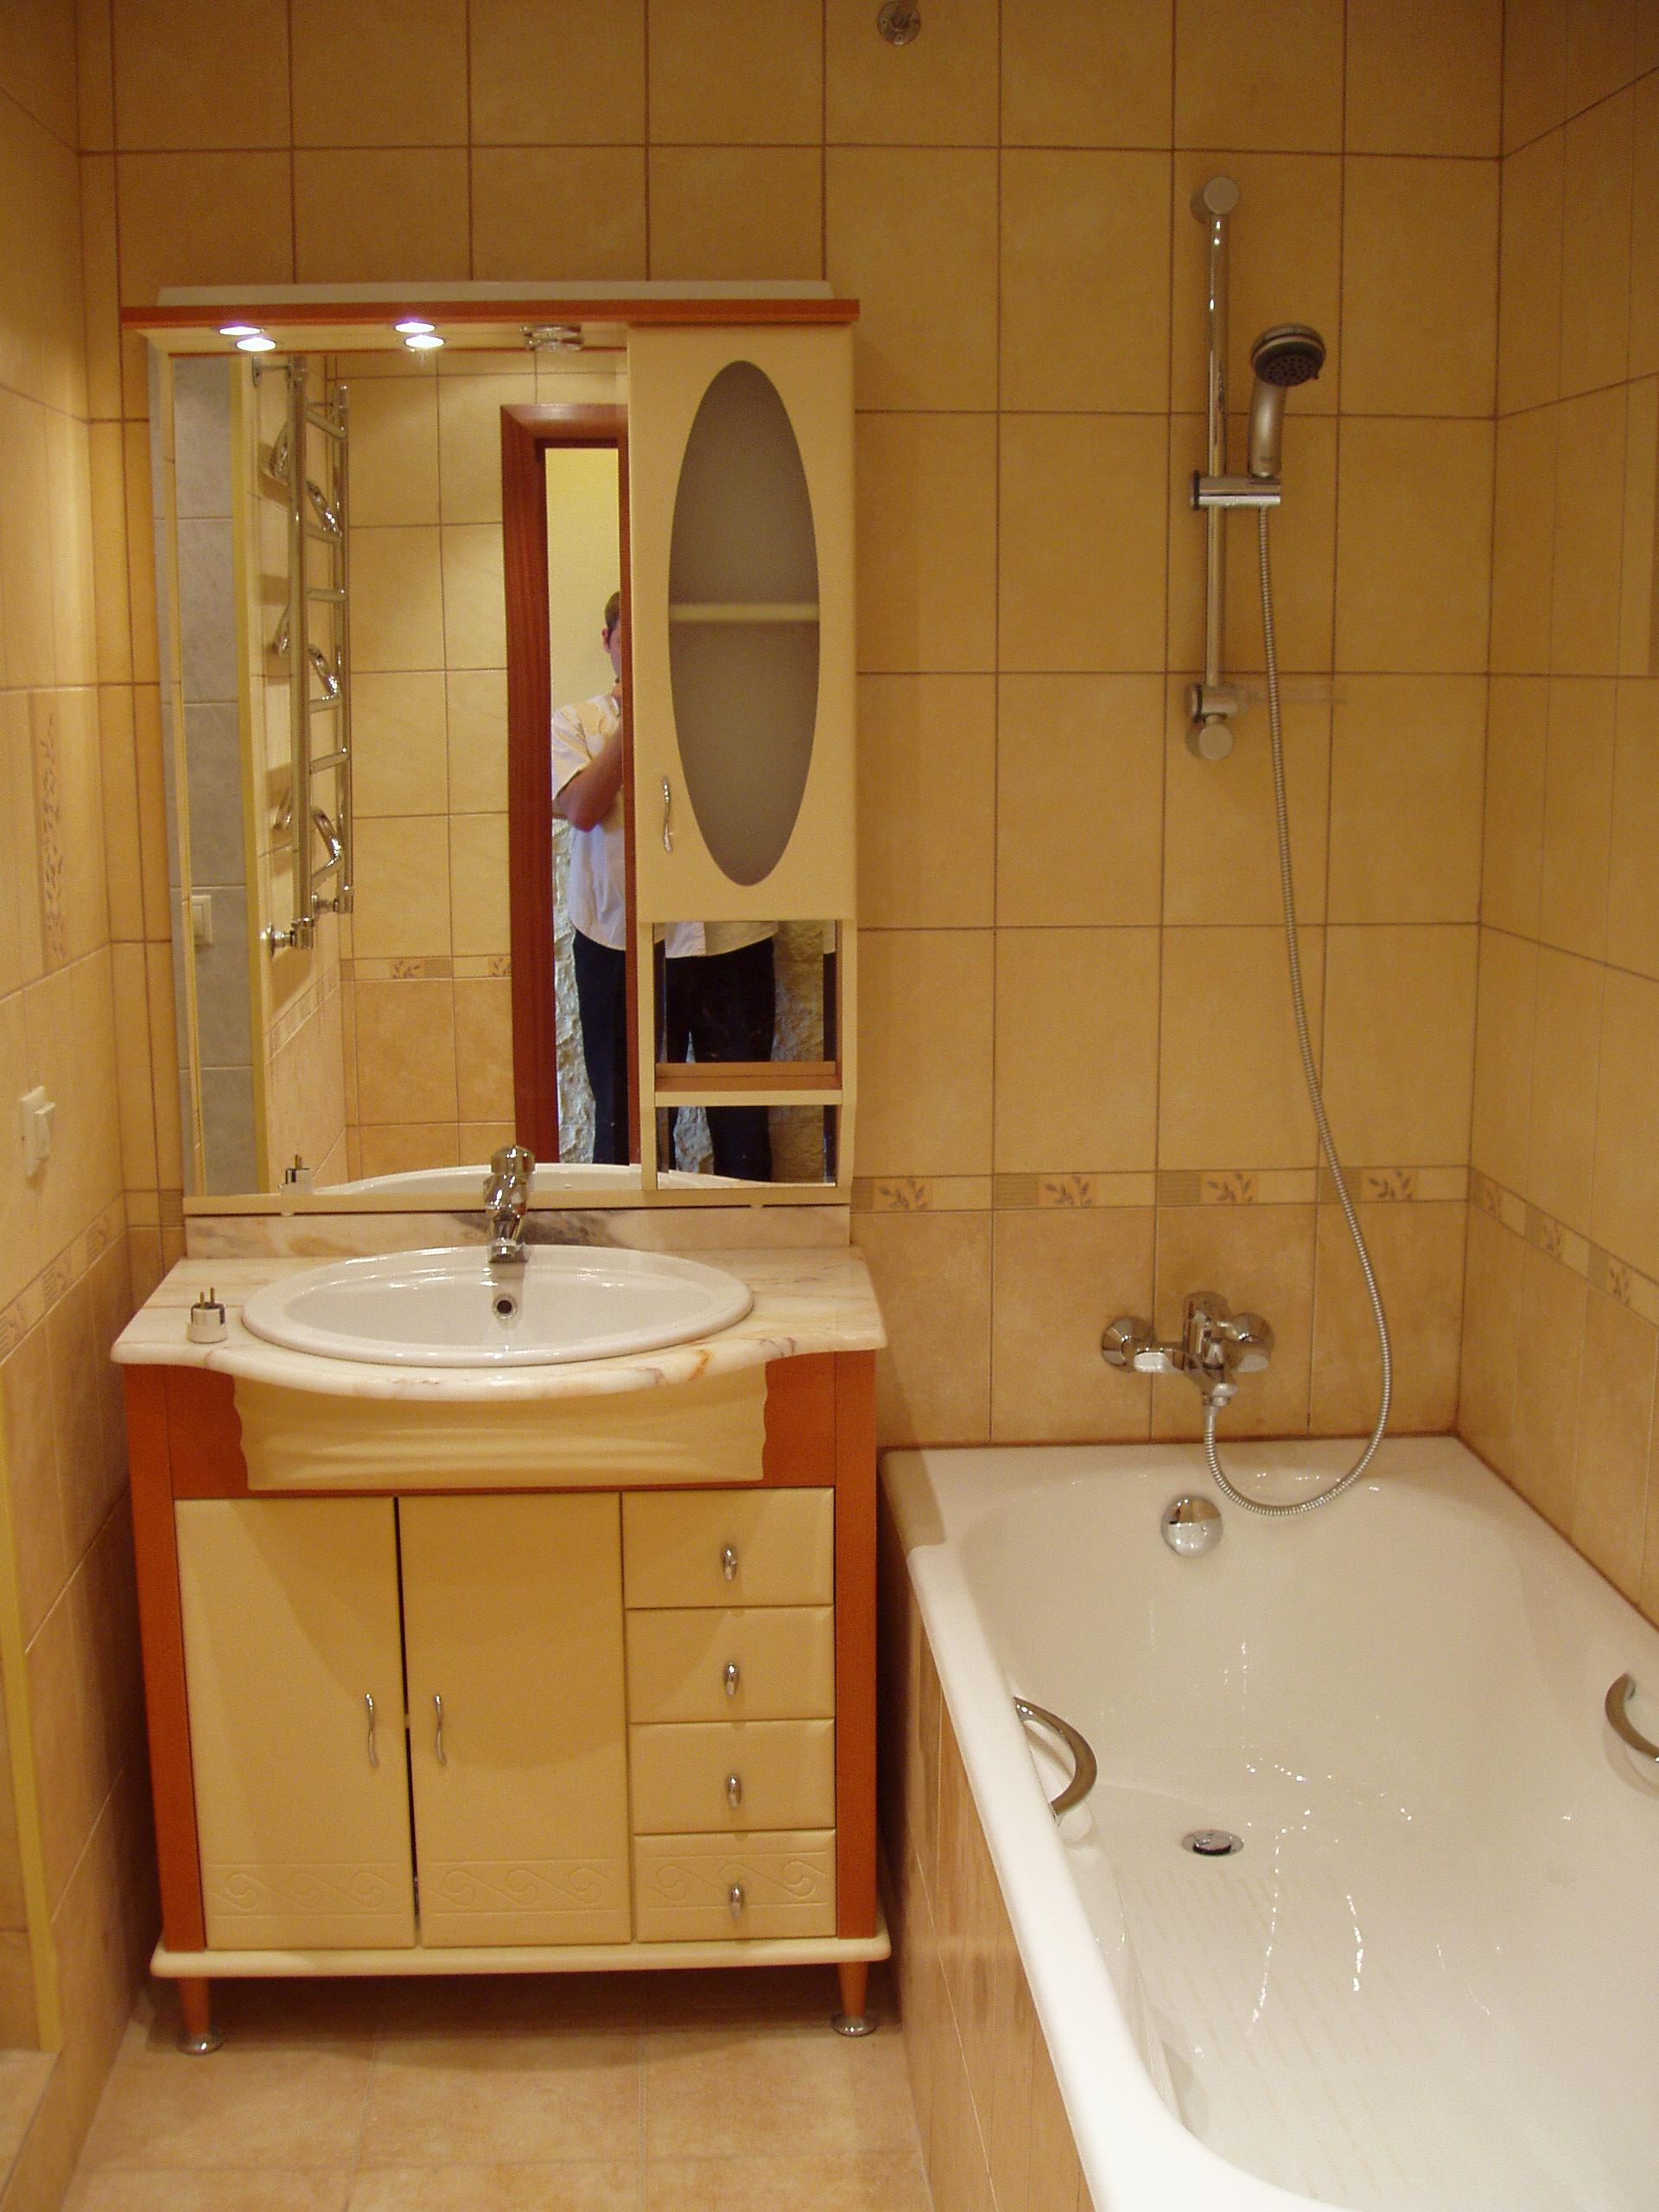 Ремонт на квартире в ванной комнате